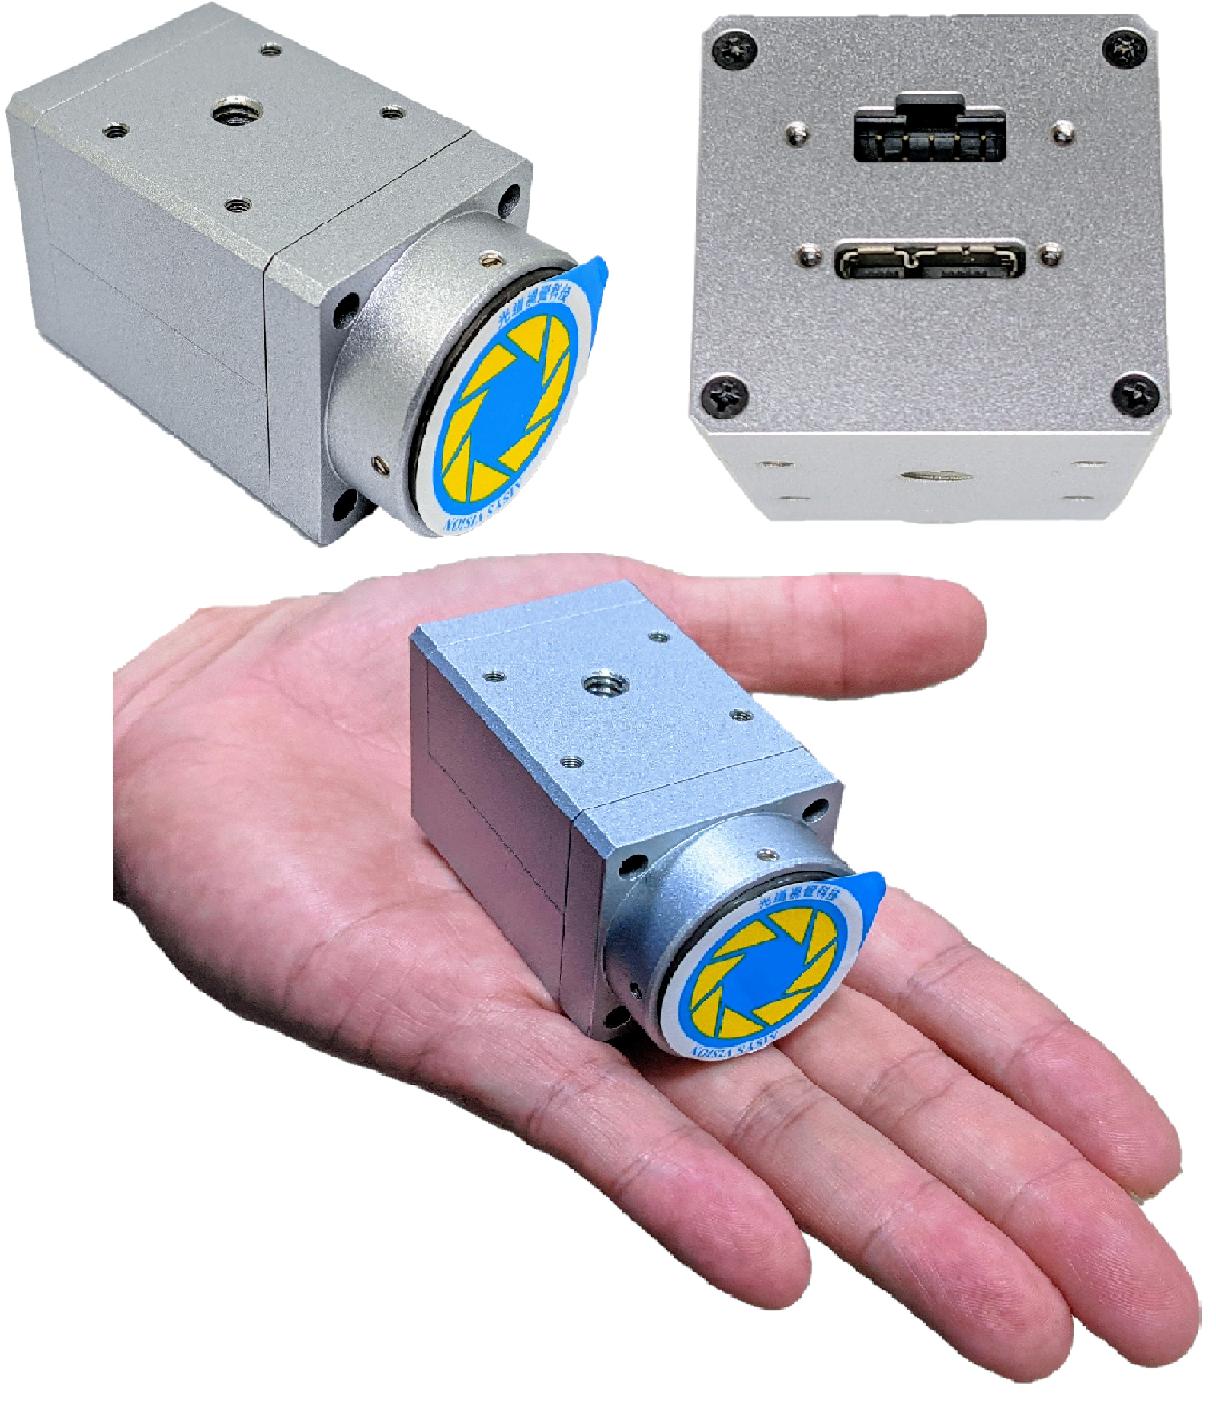 CYCLOPS SU130F-170攝影機-1.3M像素、非同步式、灰階、內建LED燈源控制器